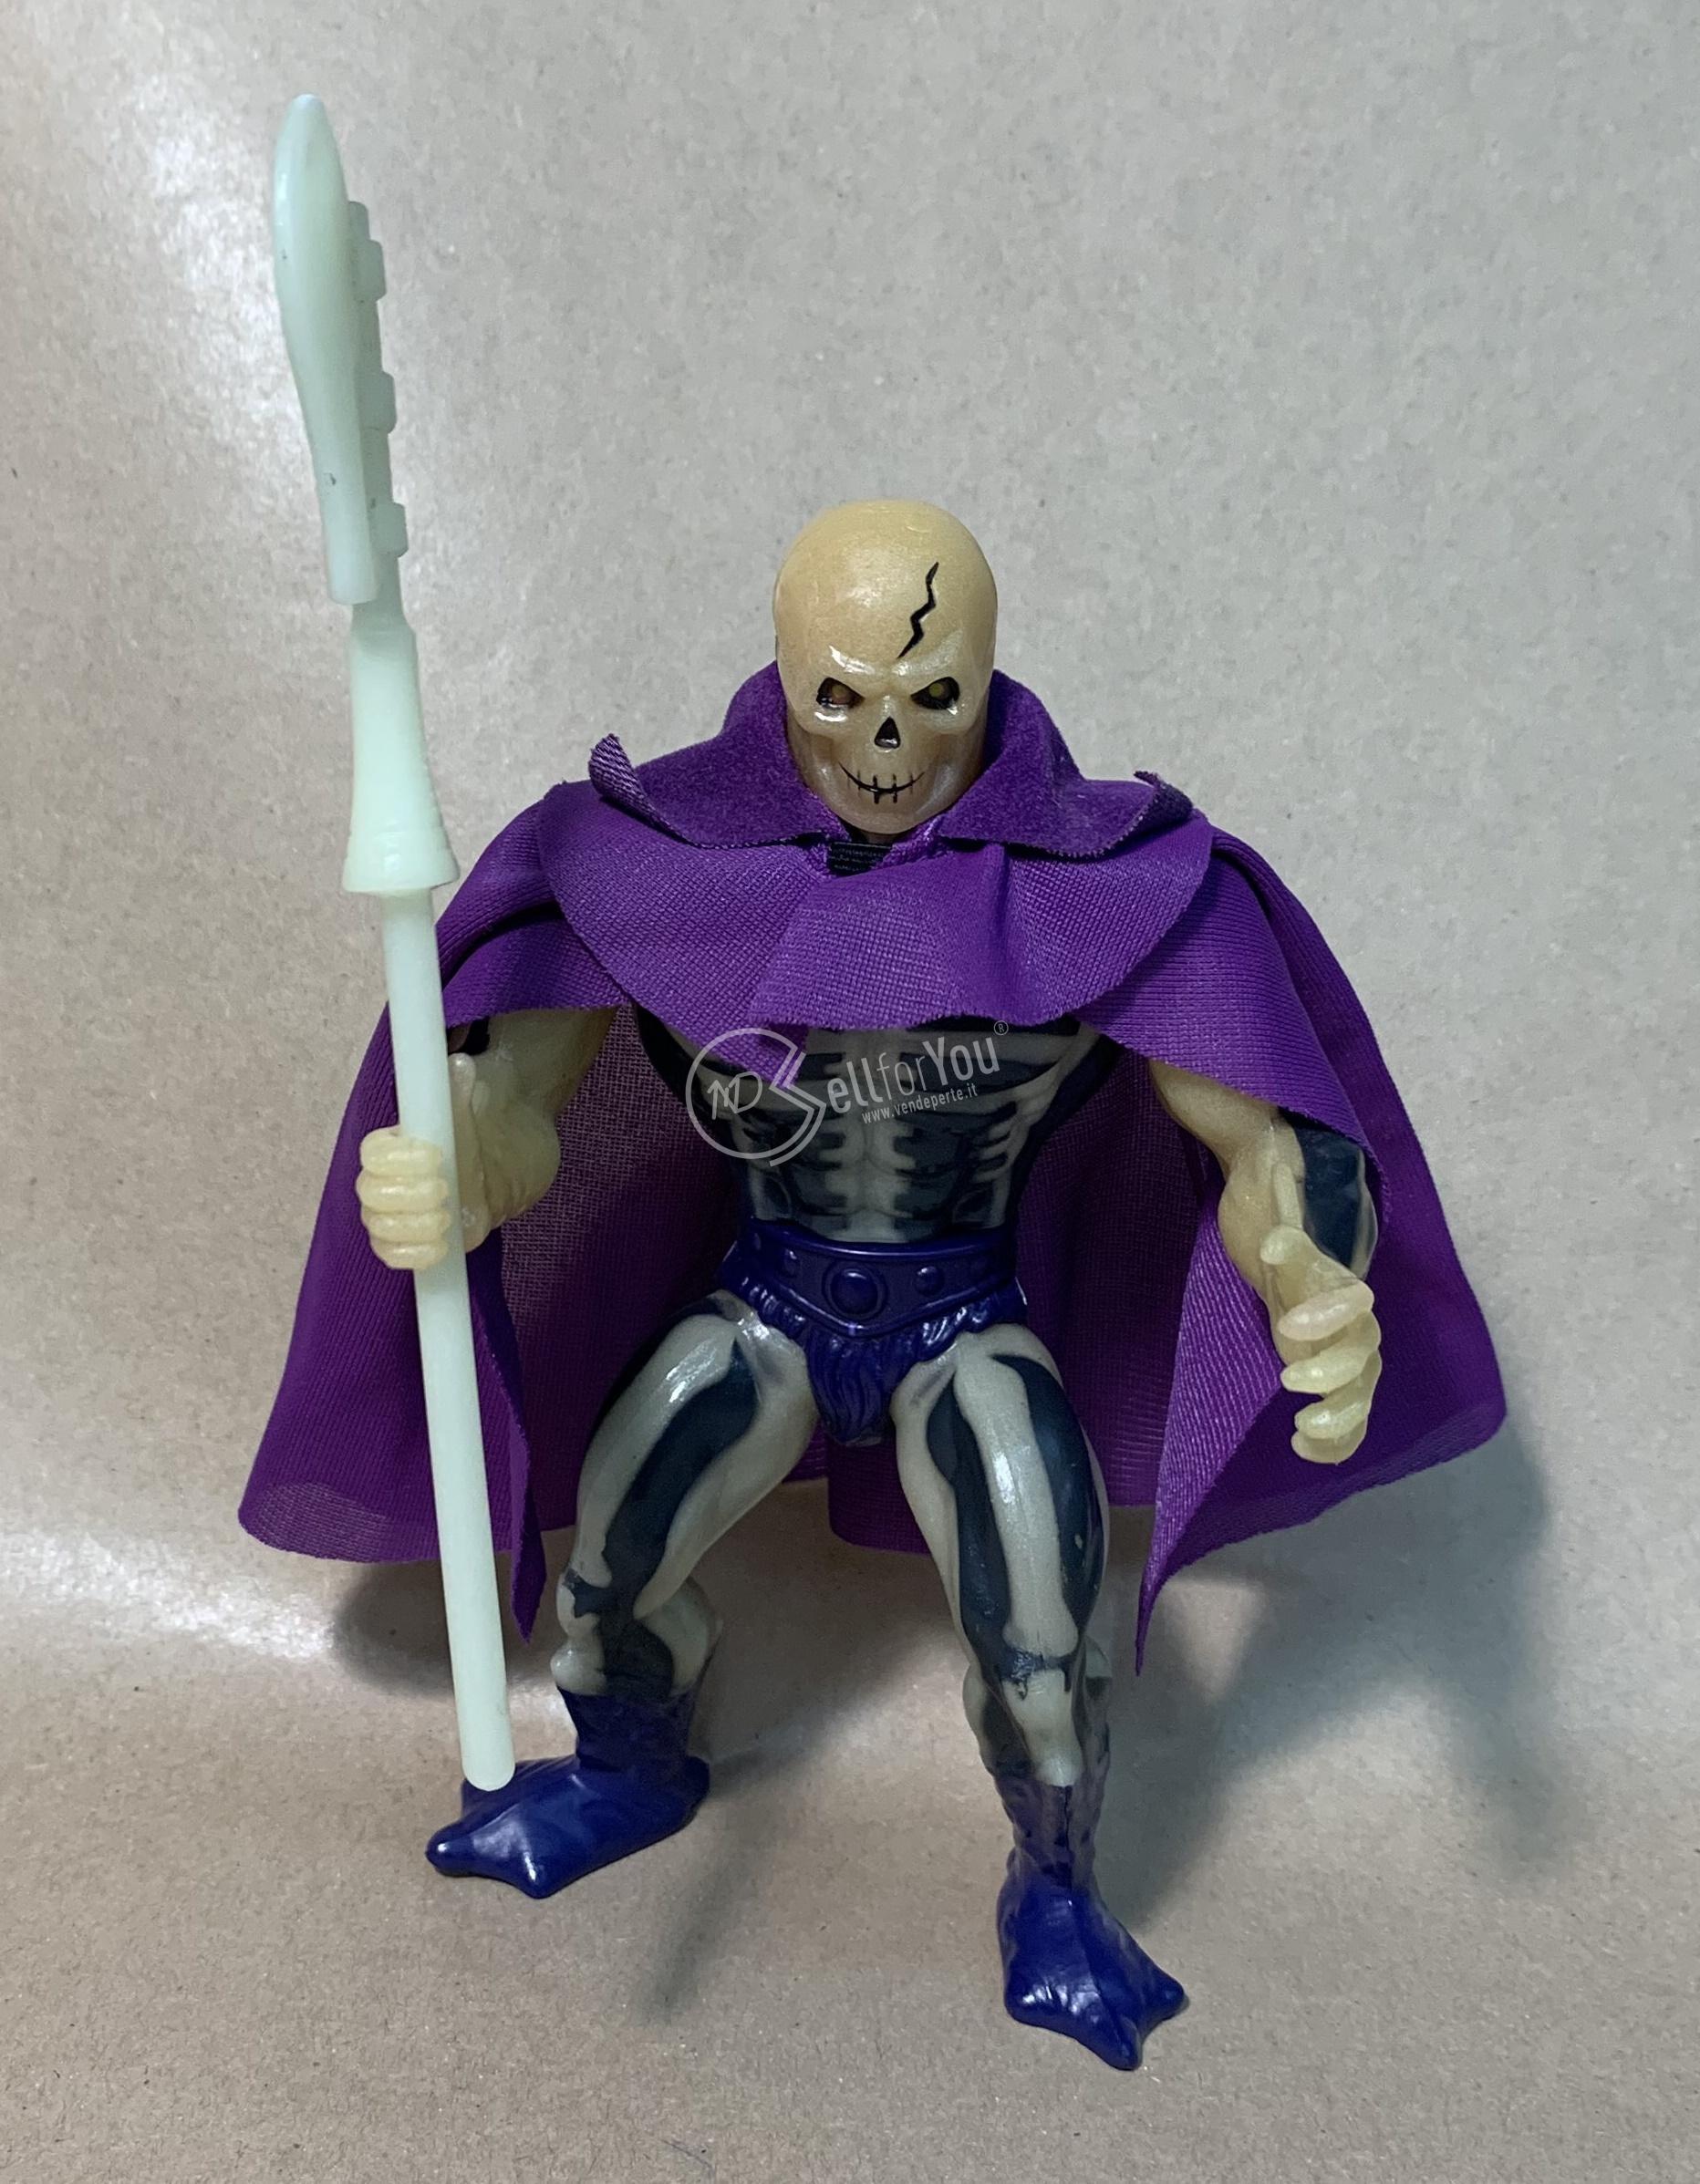 sellforyou immagine default articolo correlato non trovatoMasters of the Universe Scare Glow anni '80 Mattel 5